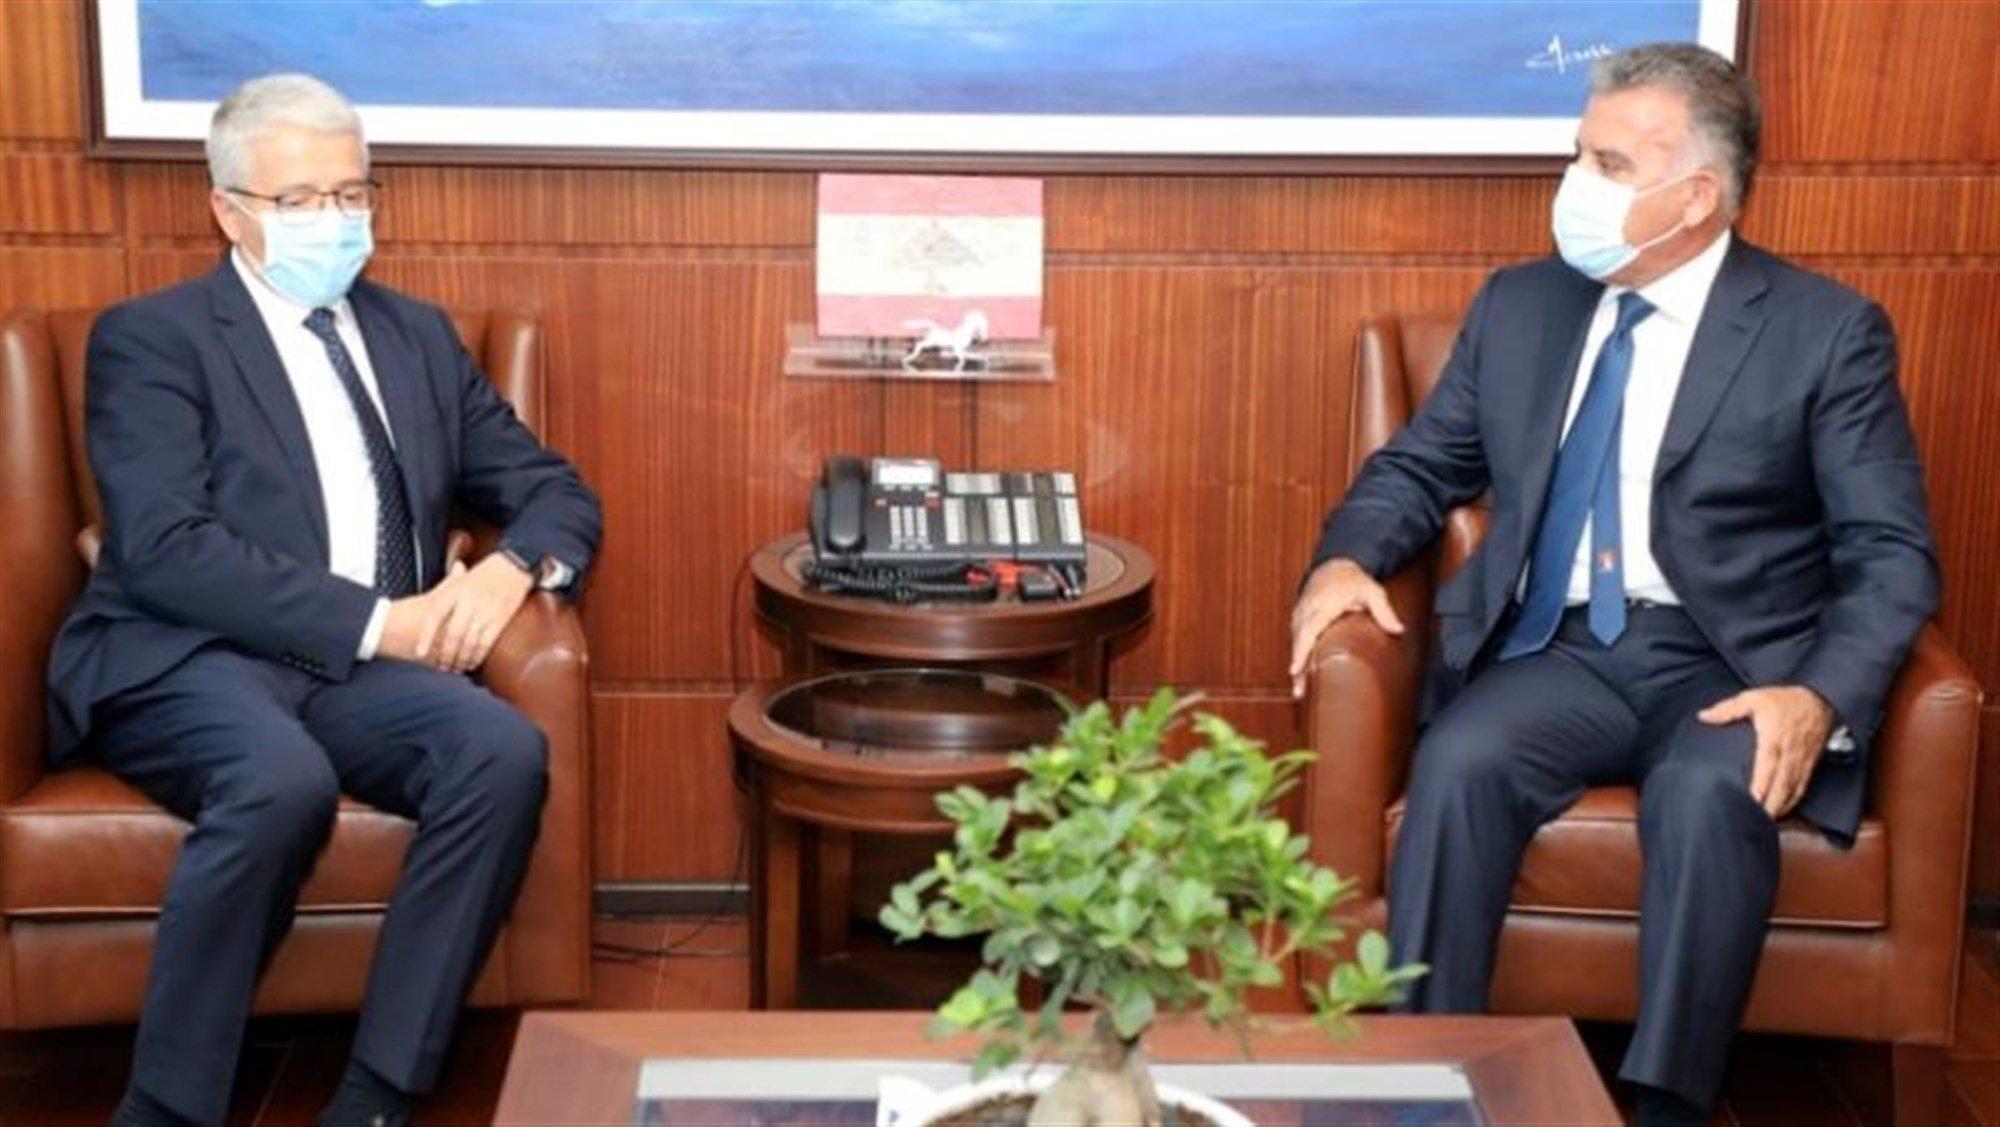 Lleshaj takon gjeneralin libanez, kërkon ndihmë për shpëtimin e fëmijëve shqiptarë në Siri